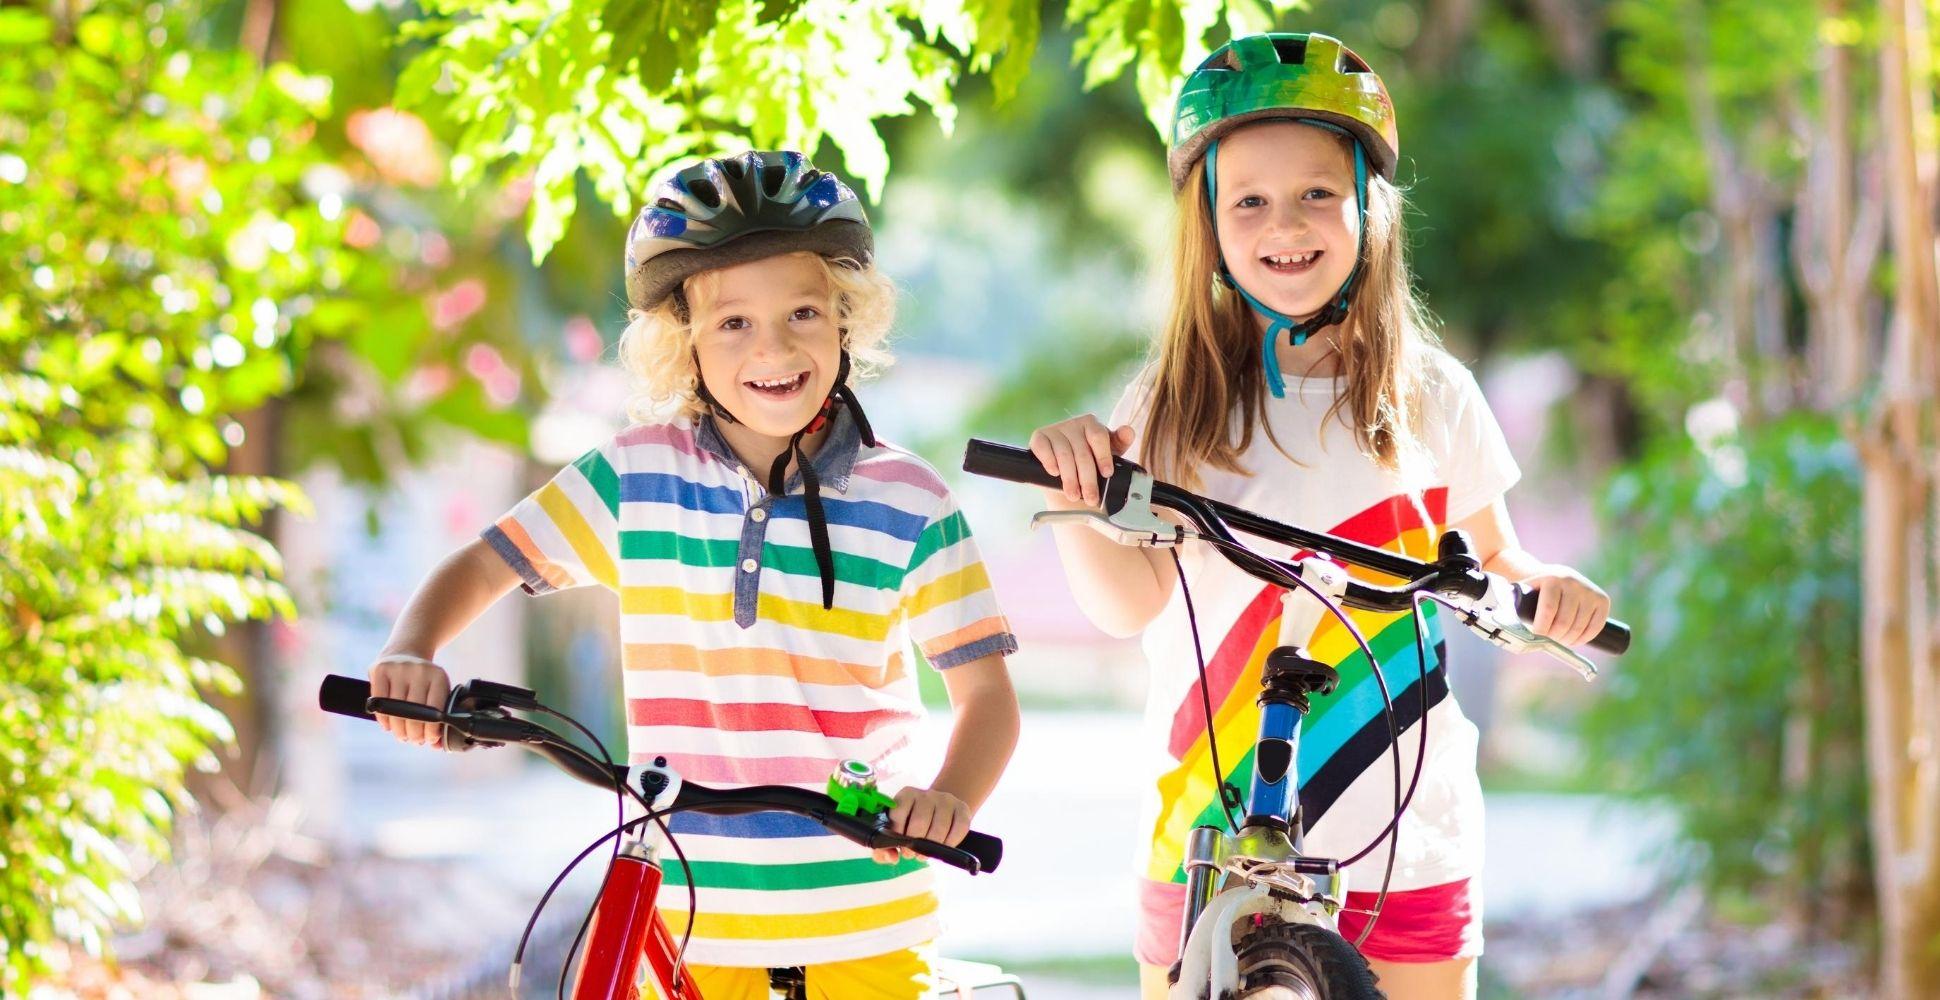 best-bike-helmet-for-kids